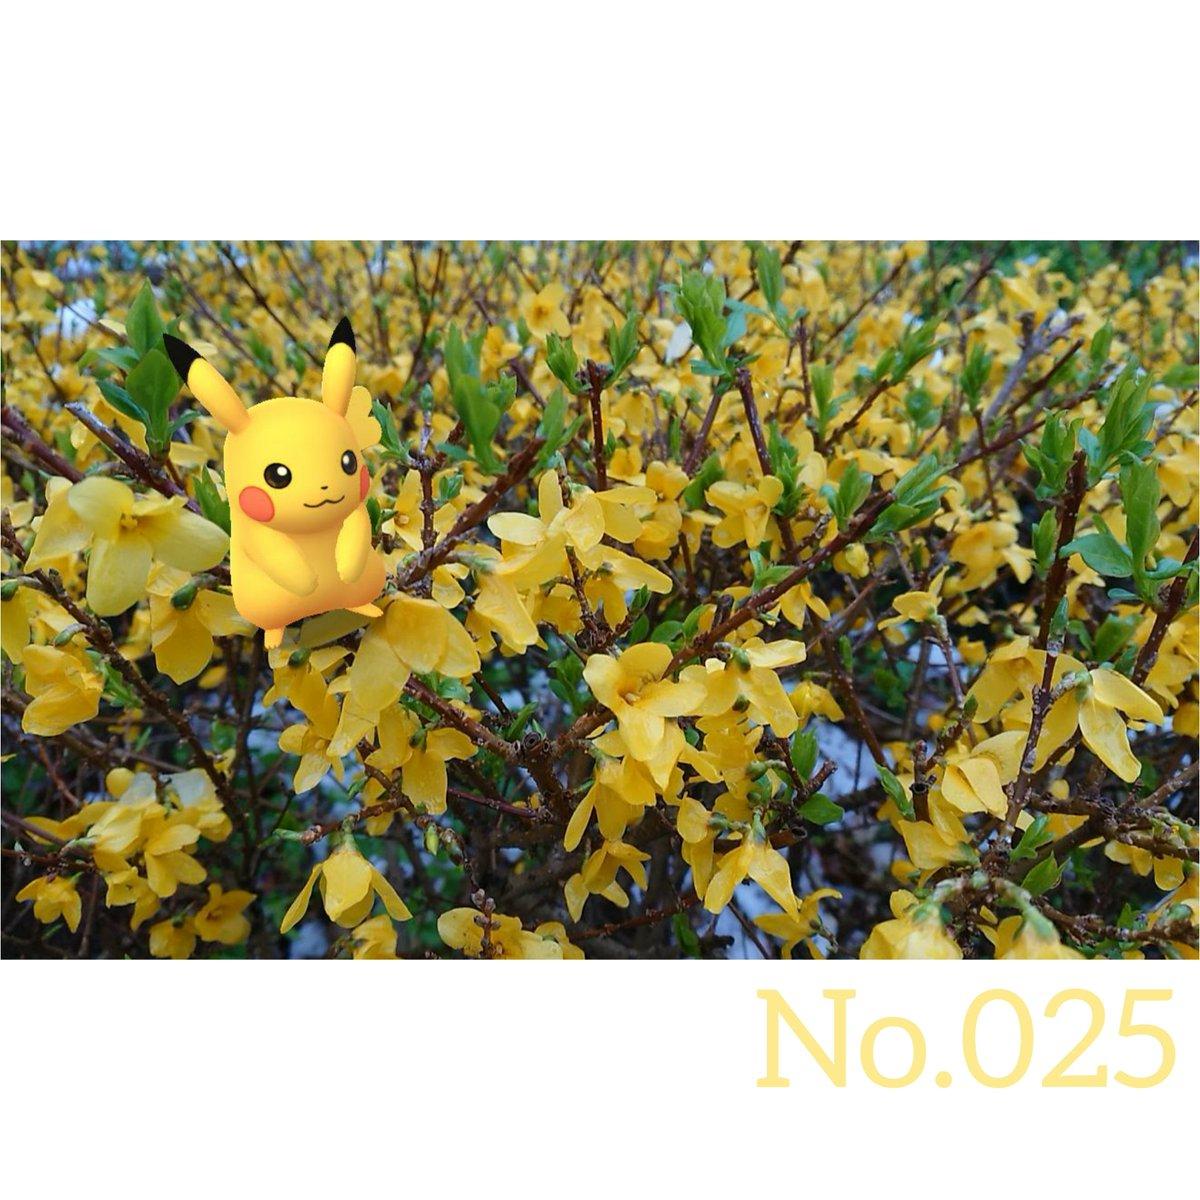 本日は七夕。いい感じのジラーチ写真が無かったので、くっっっそ昔のピカ様写真を載せておきます。 ……………………………………… #pokémongo #pokemongo #ポケモンGO  #GOsnapshot #NoFilter  025 #Pikachu #ピカチュウ https://t.co/3YkR8bUWV3